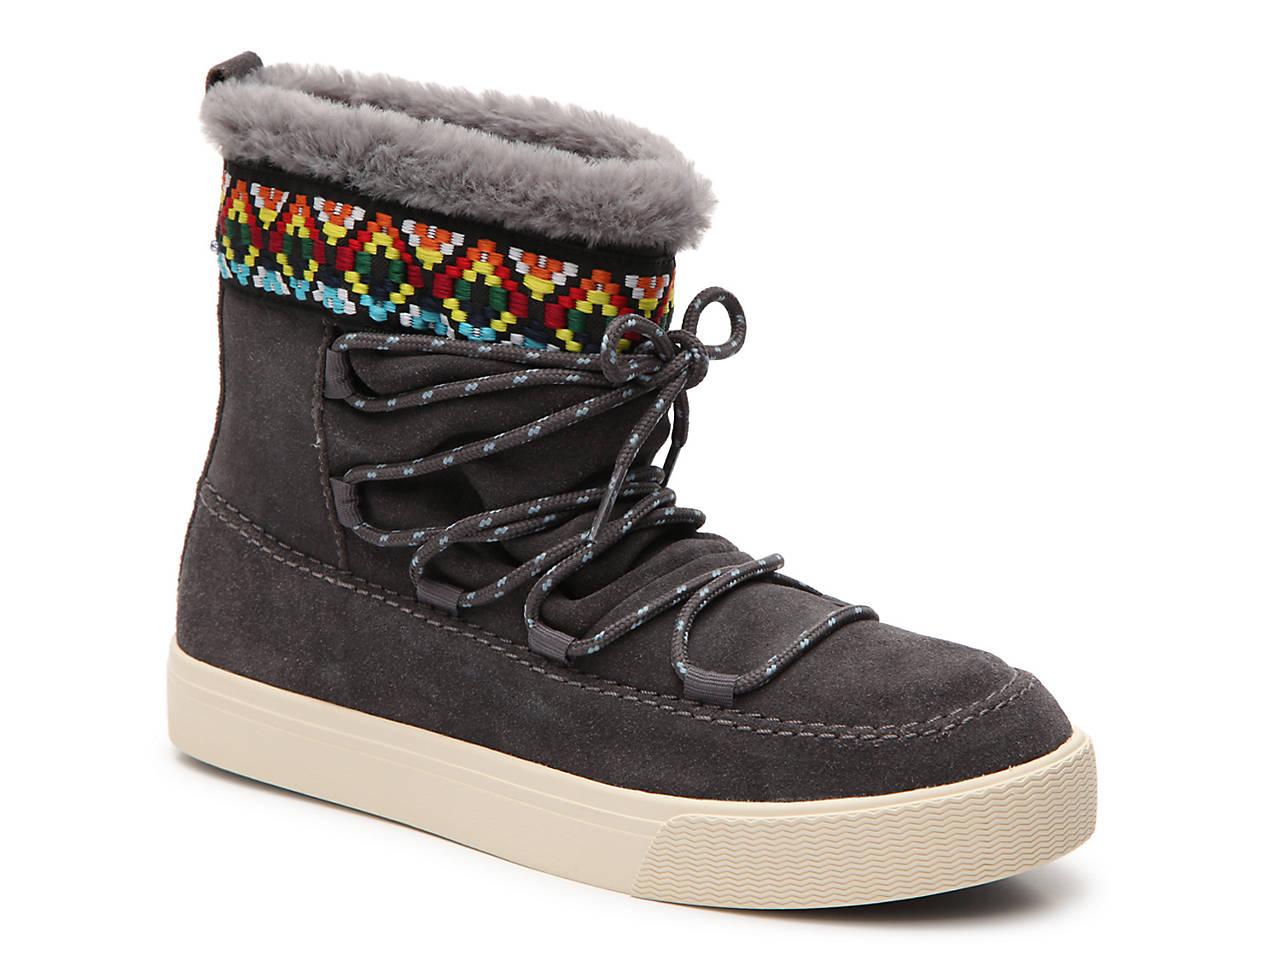 a1981f03437 TOMS Alpine Bootie Women s Shoes